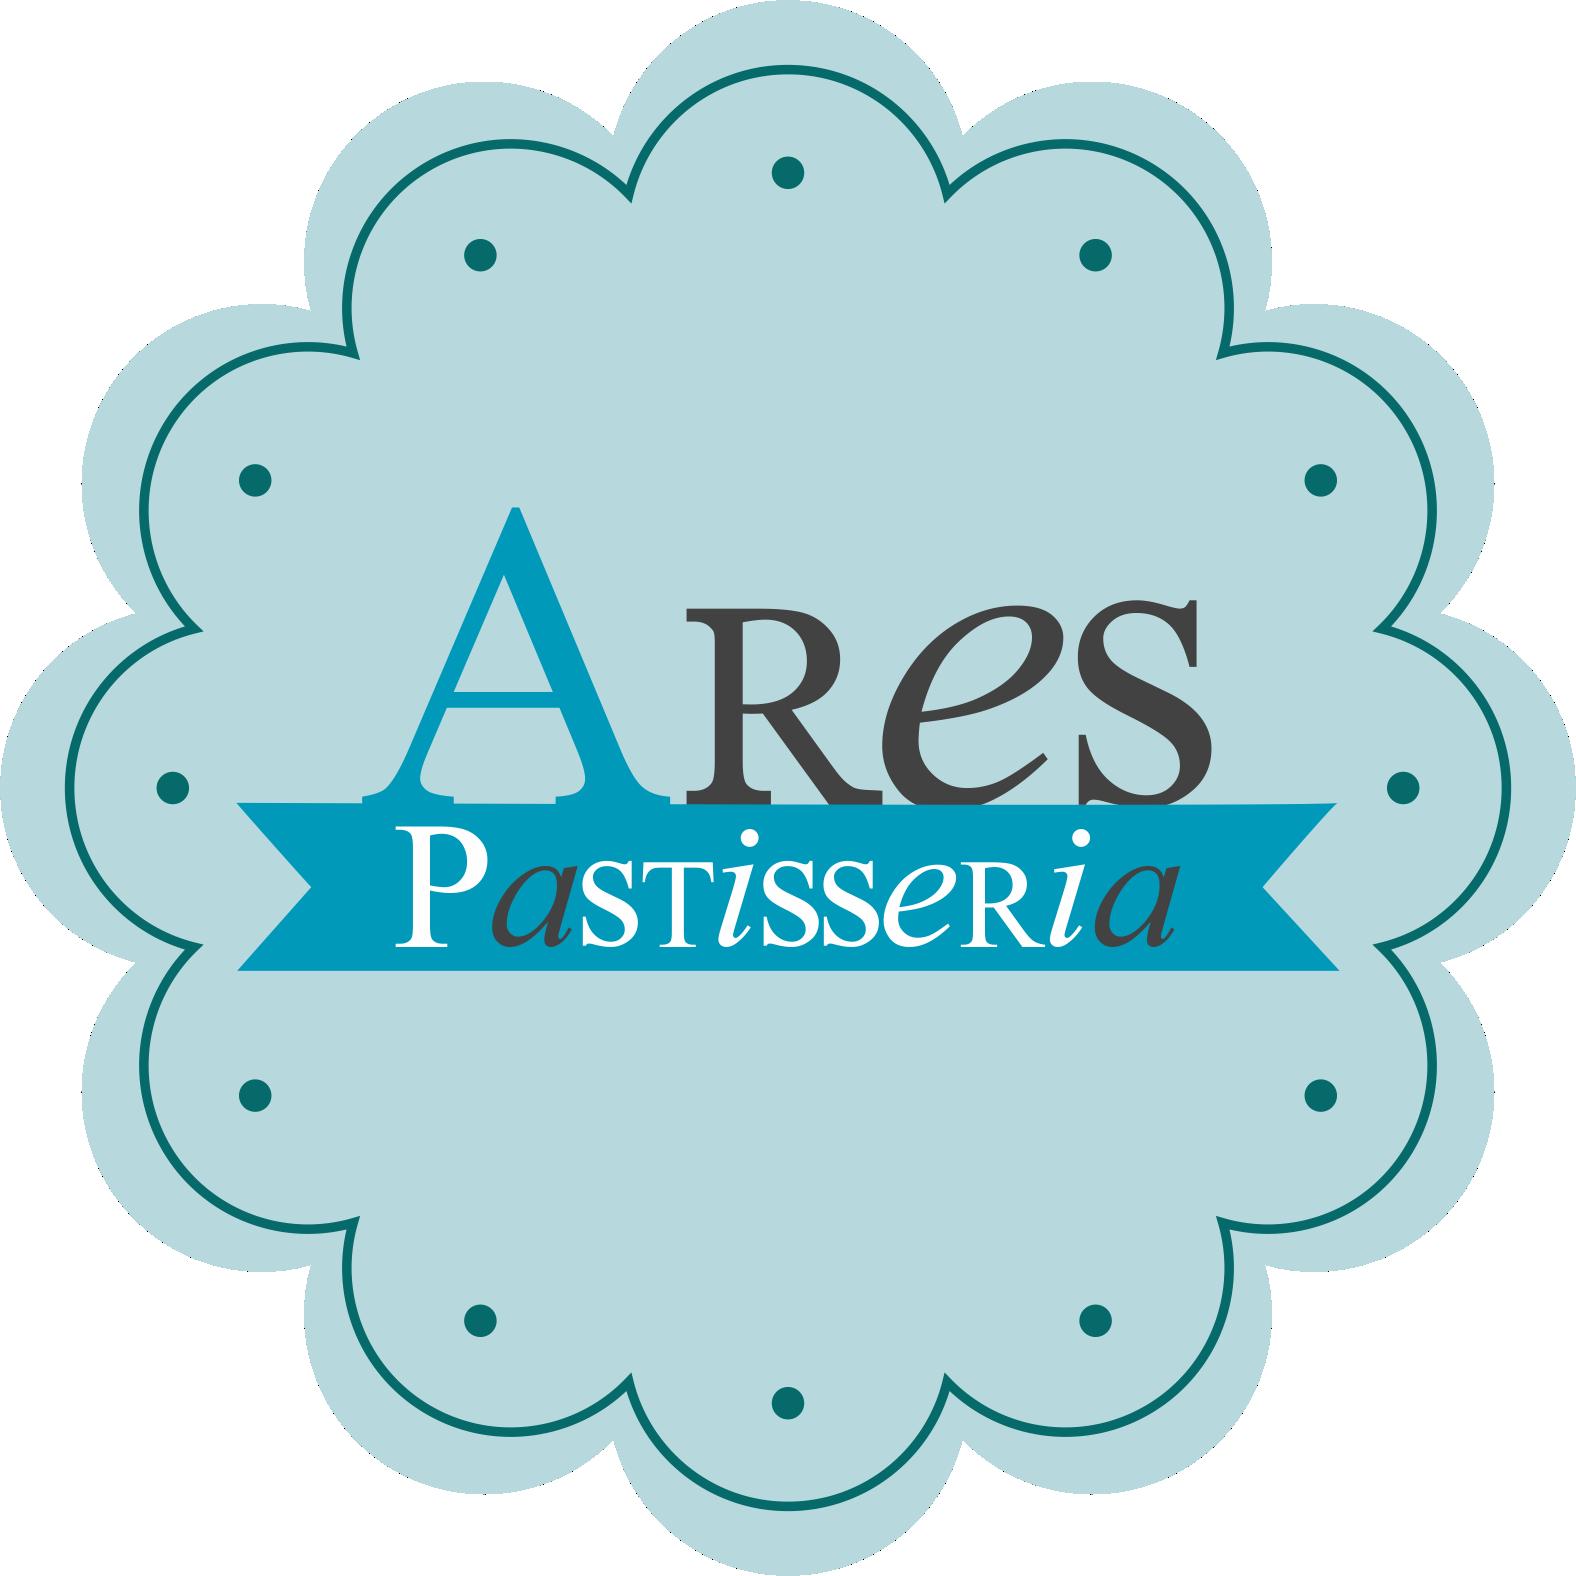 Ares pastisseria